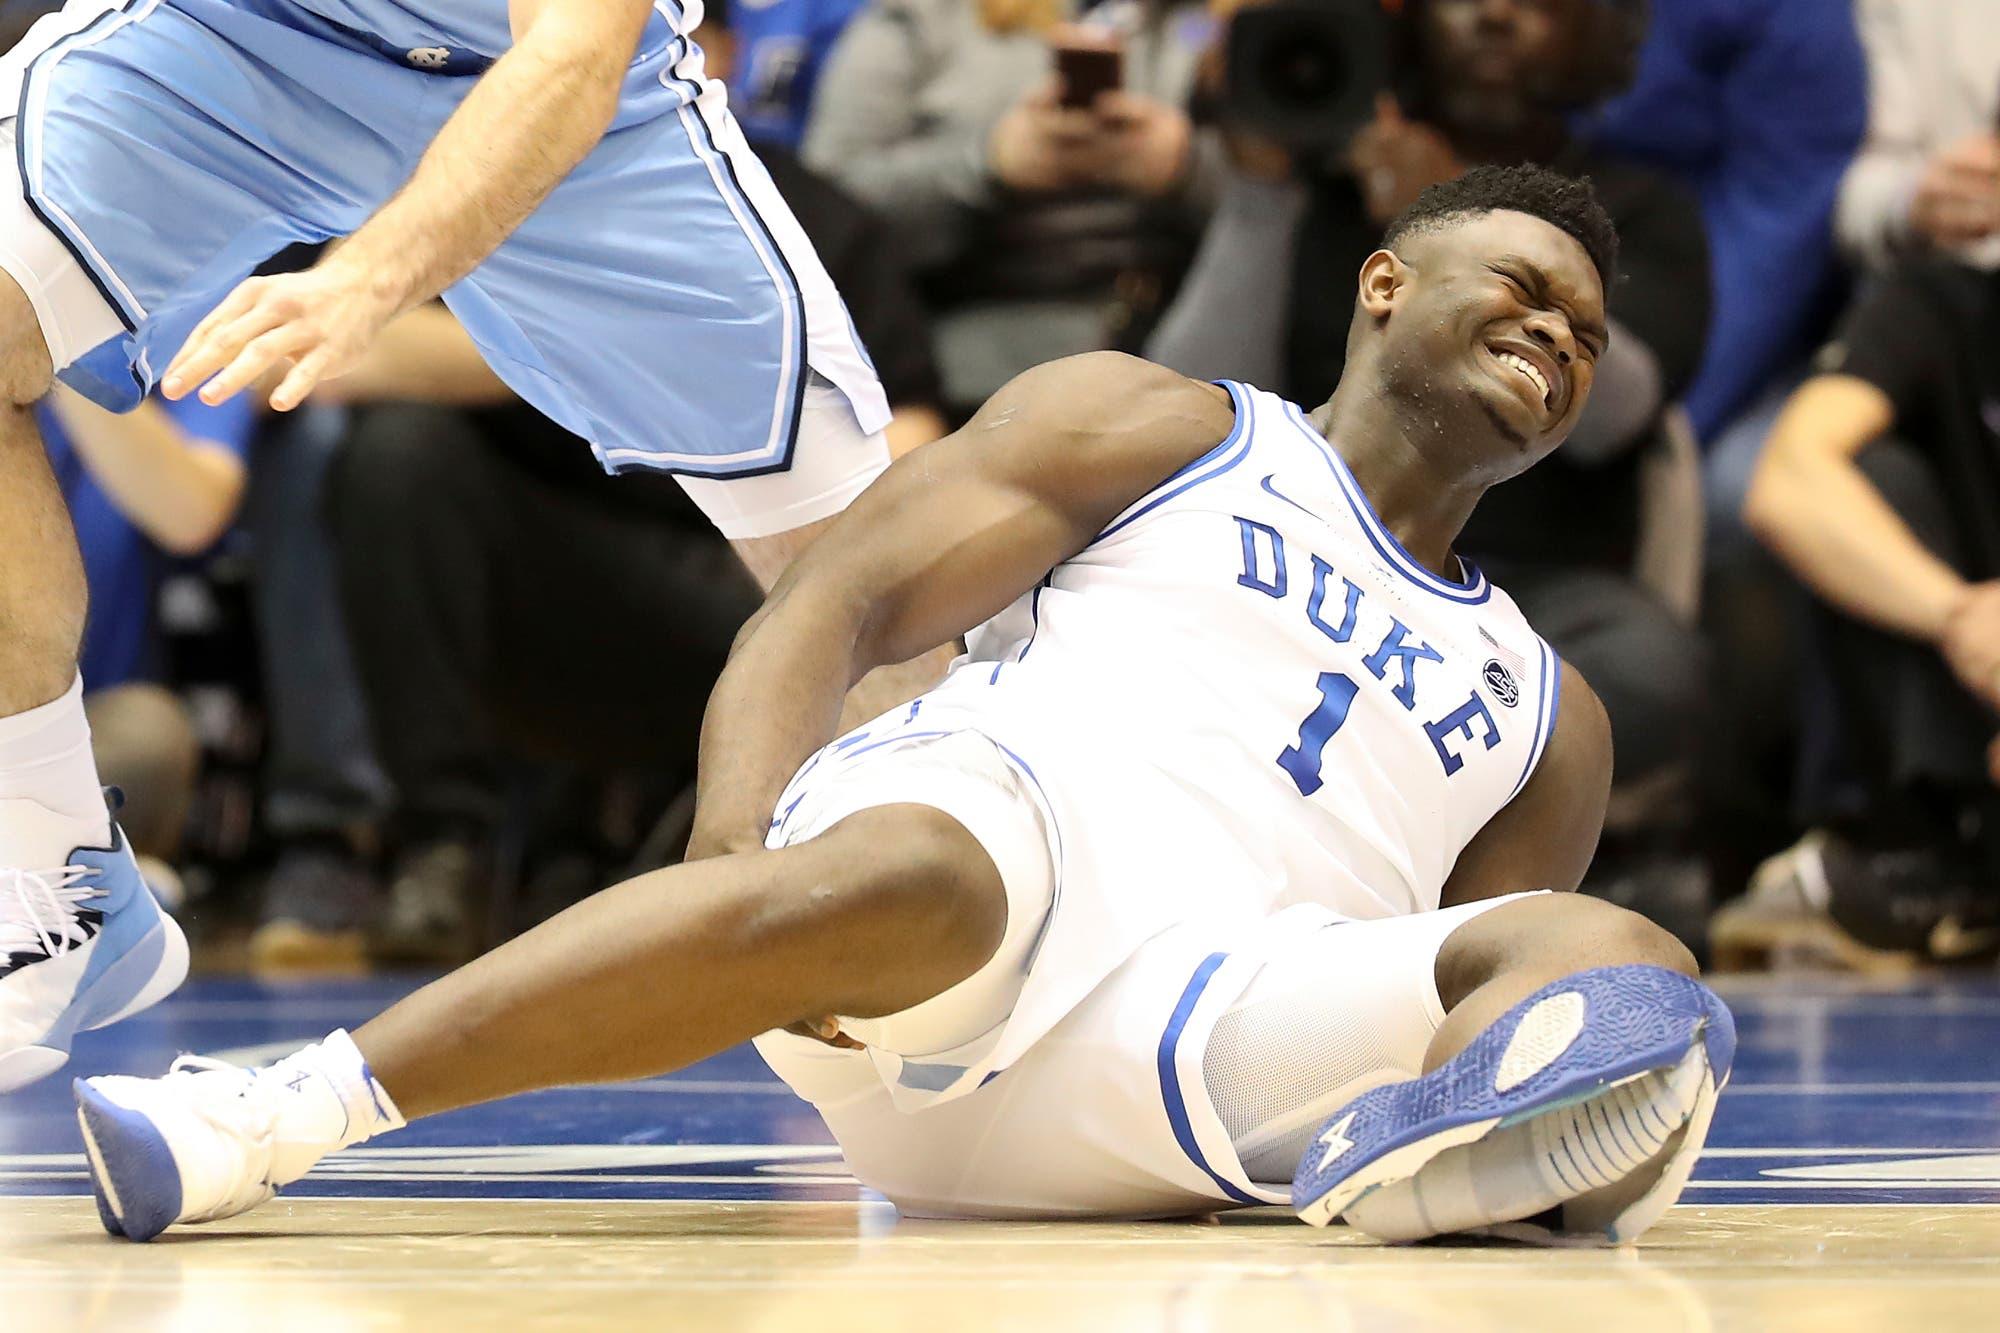 """Todo lo que destapó """"el escándalo de la zapatilla"""" que le estalló a una futura estrella de la NBA"""